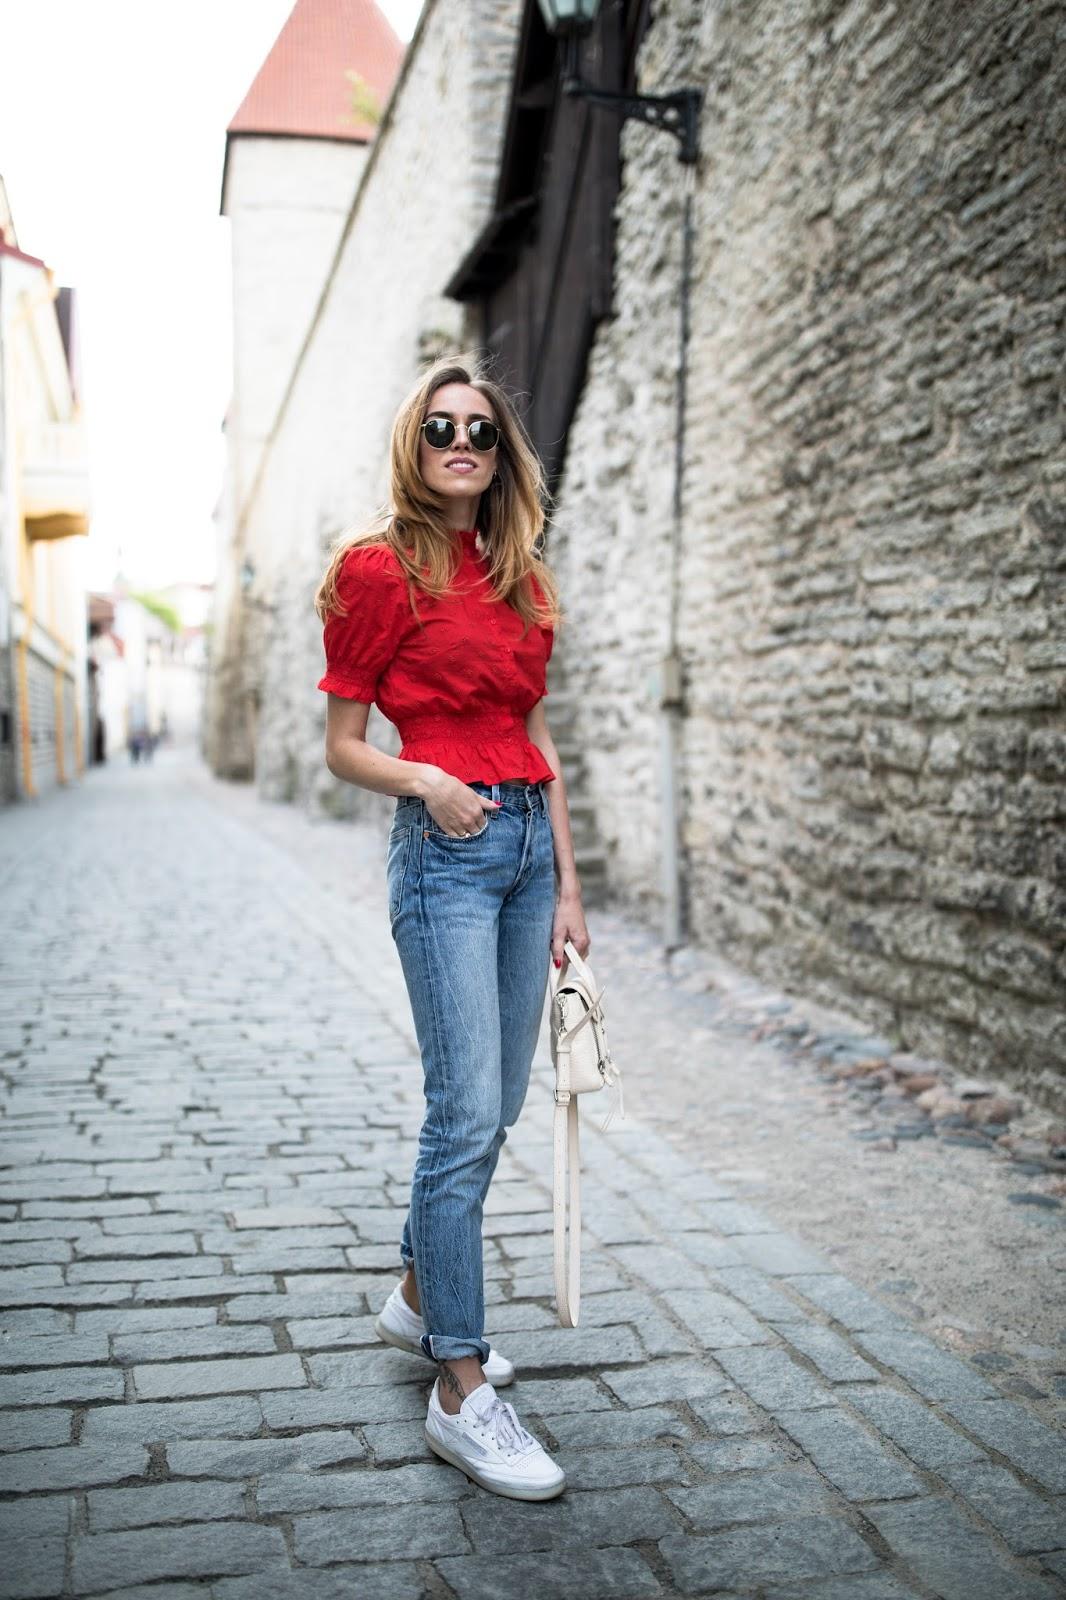 kristjaana-minimalist-jeans-summer-outfit